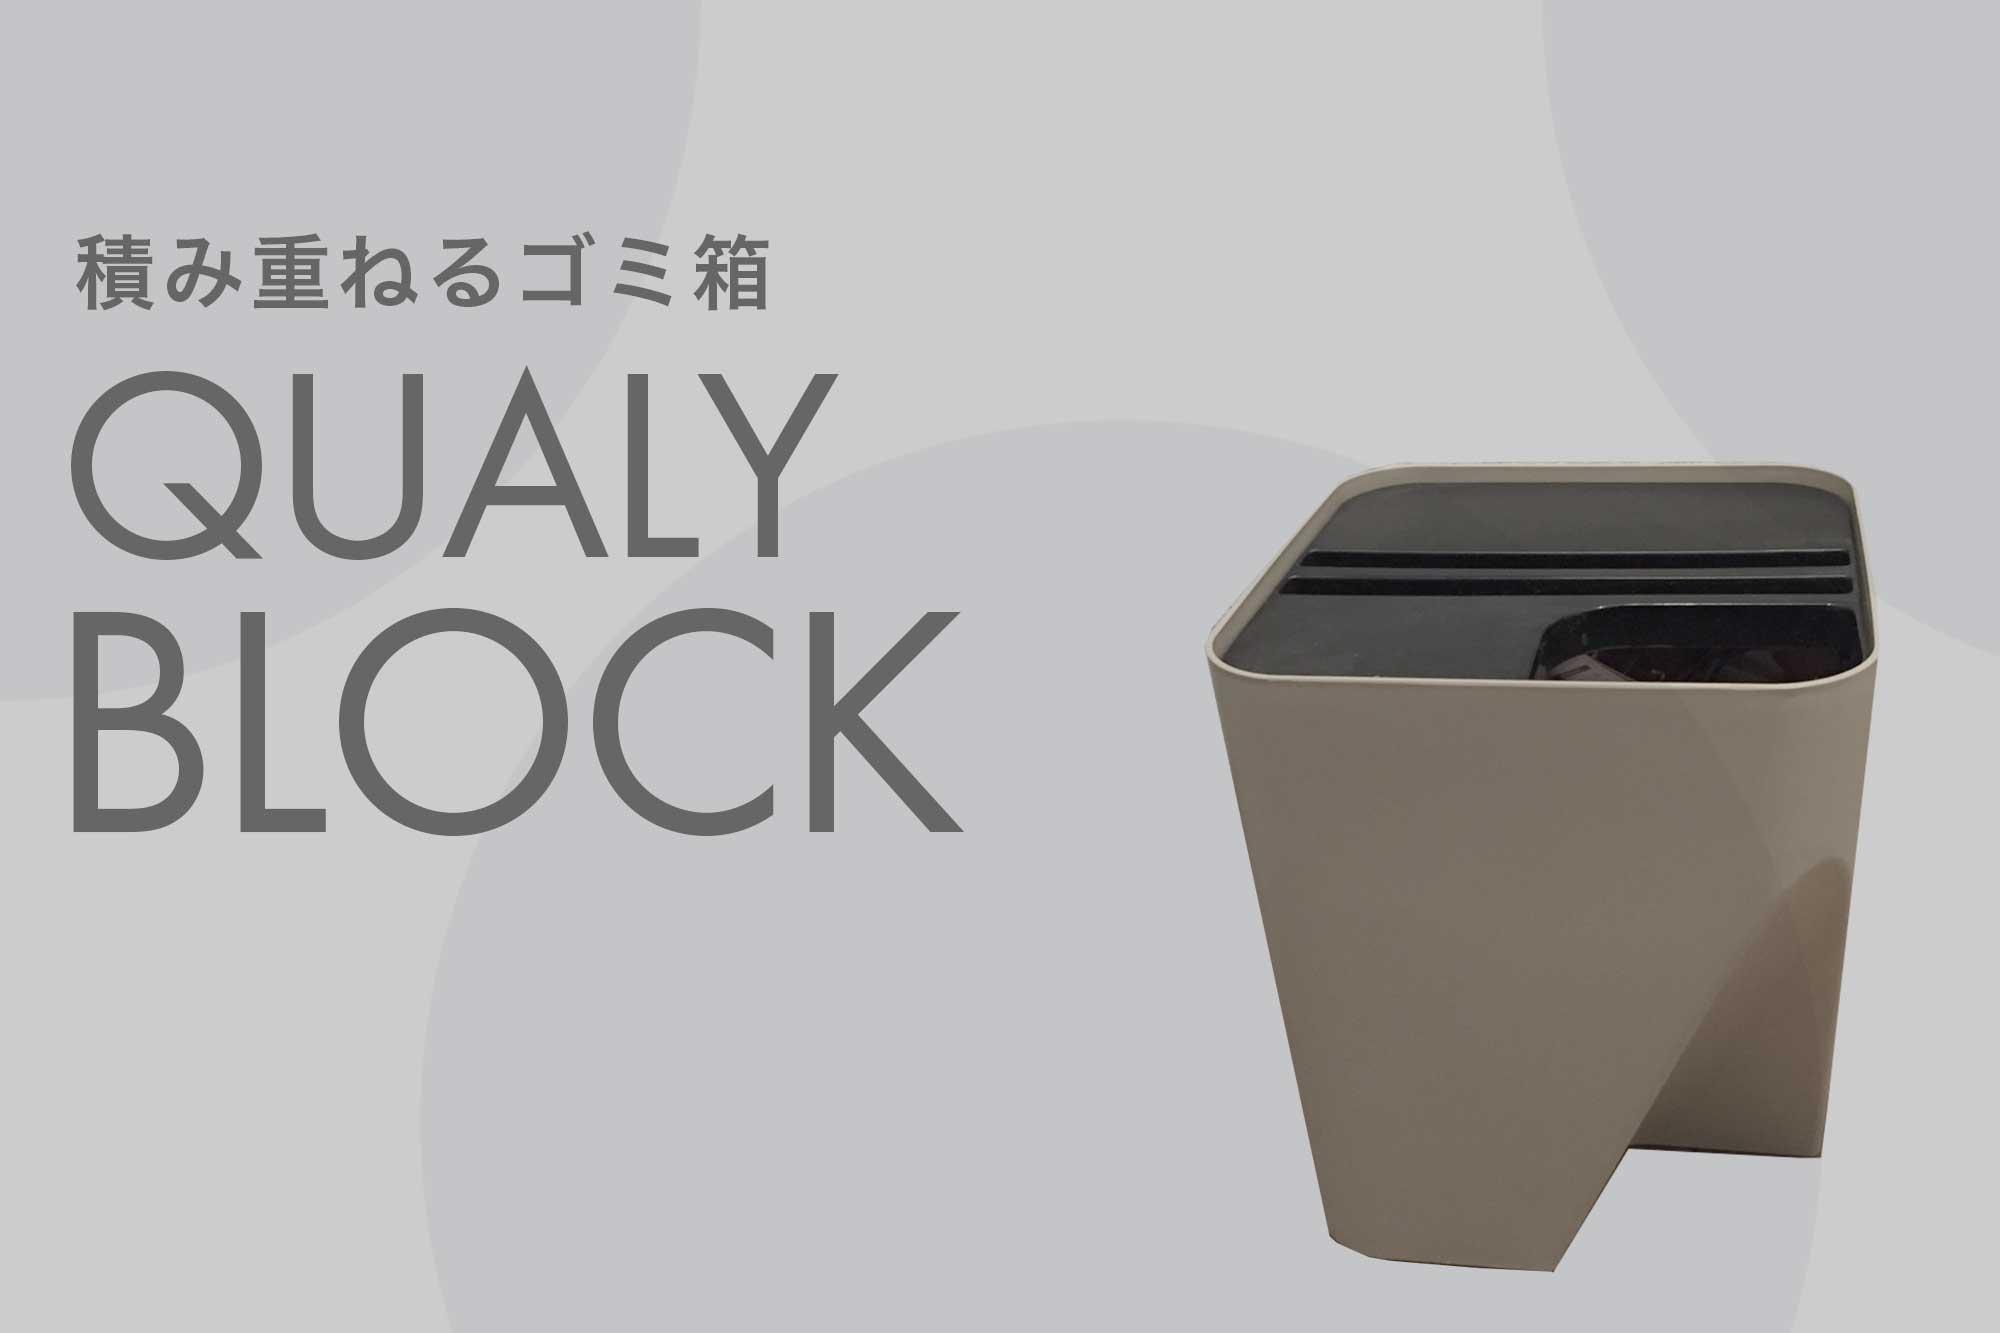 シンプルモダンで積み重ねができる!愛用中のゴミ箱「QUALY BLOCK」【レビュー】